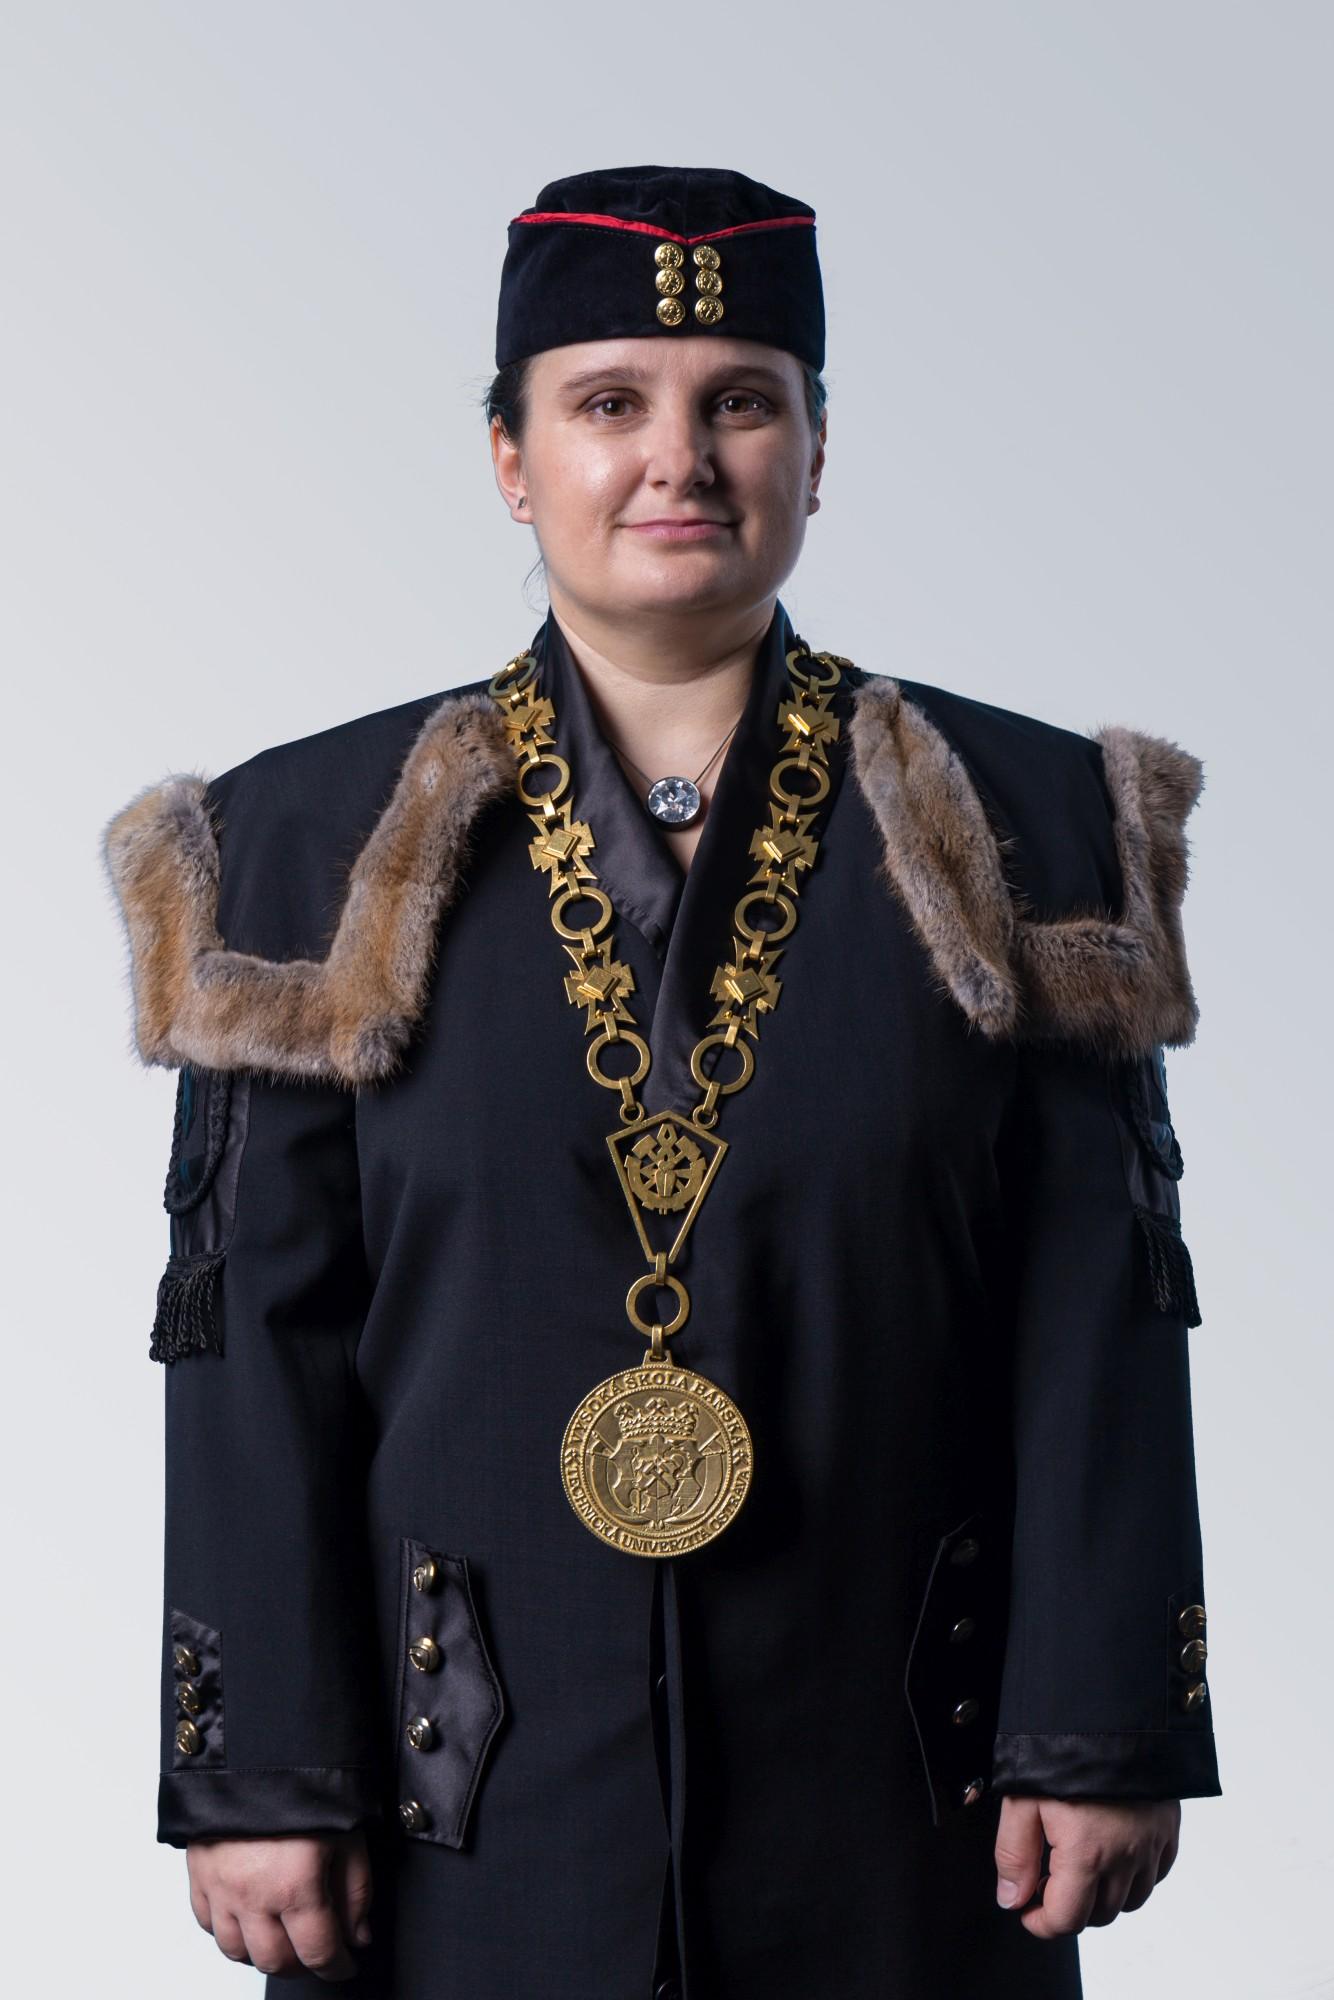 Kukutschova